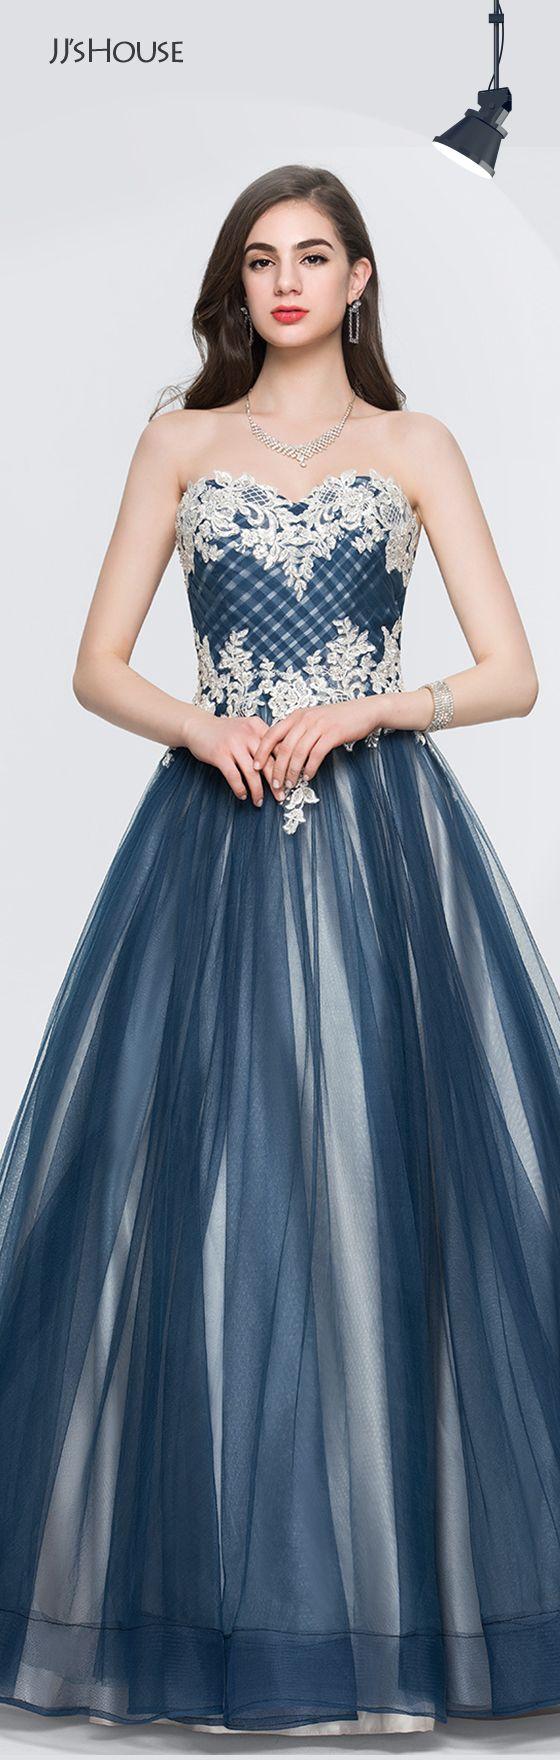 Jjshouse promdresses colors brilliant blues pinterest prom